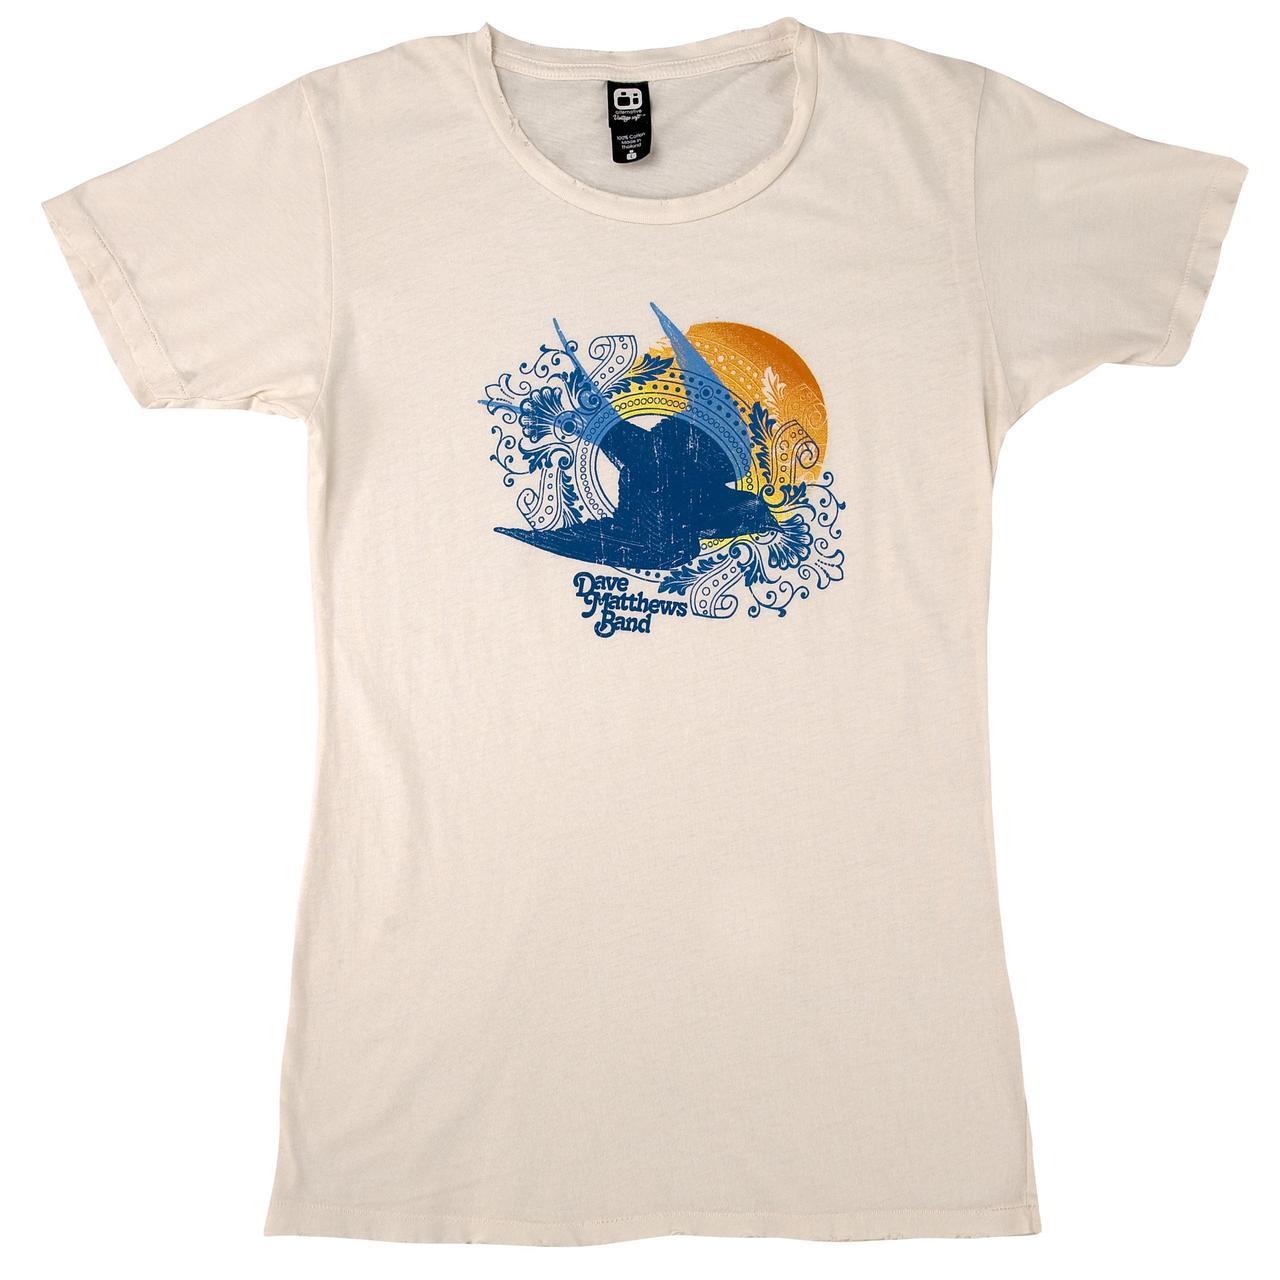 00047499c Dave Matthews Band Women's Natural Bird Shirt